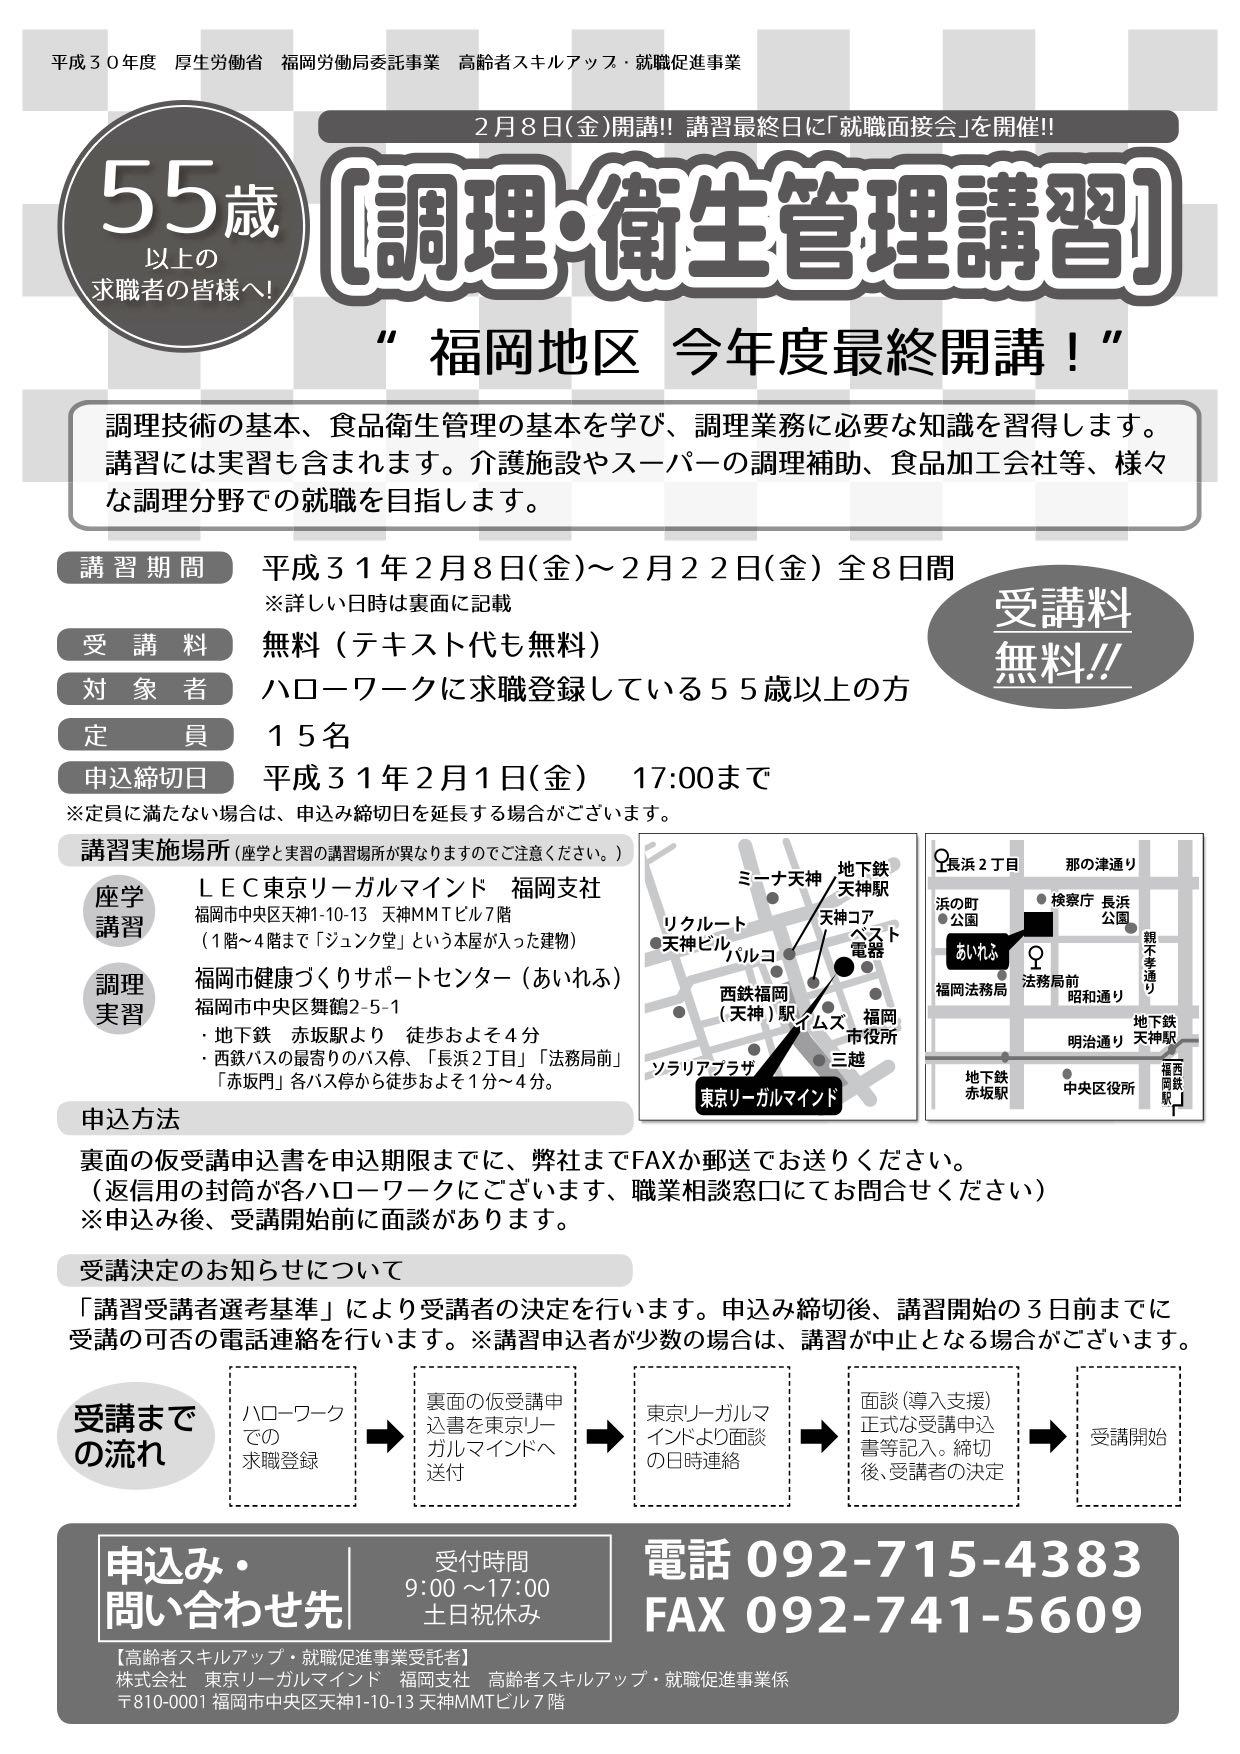 2月8日開講 調理・衛生管理【中央区】.jpg